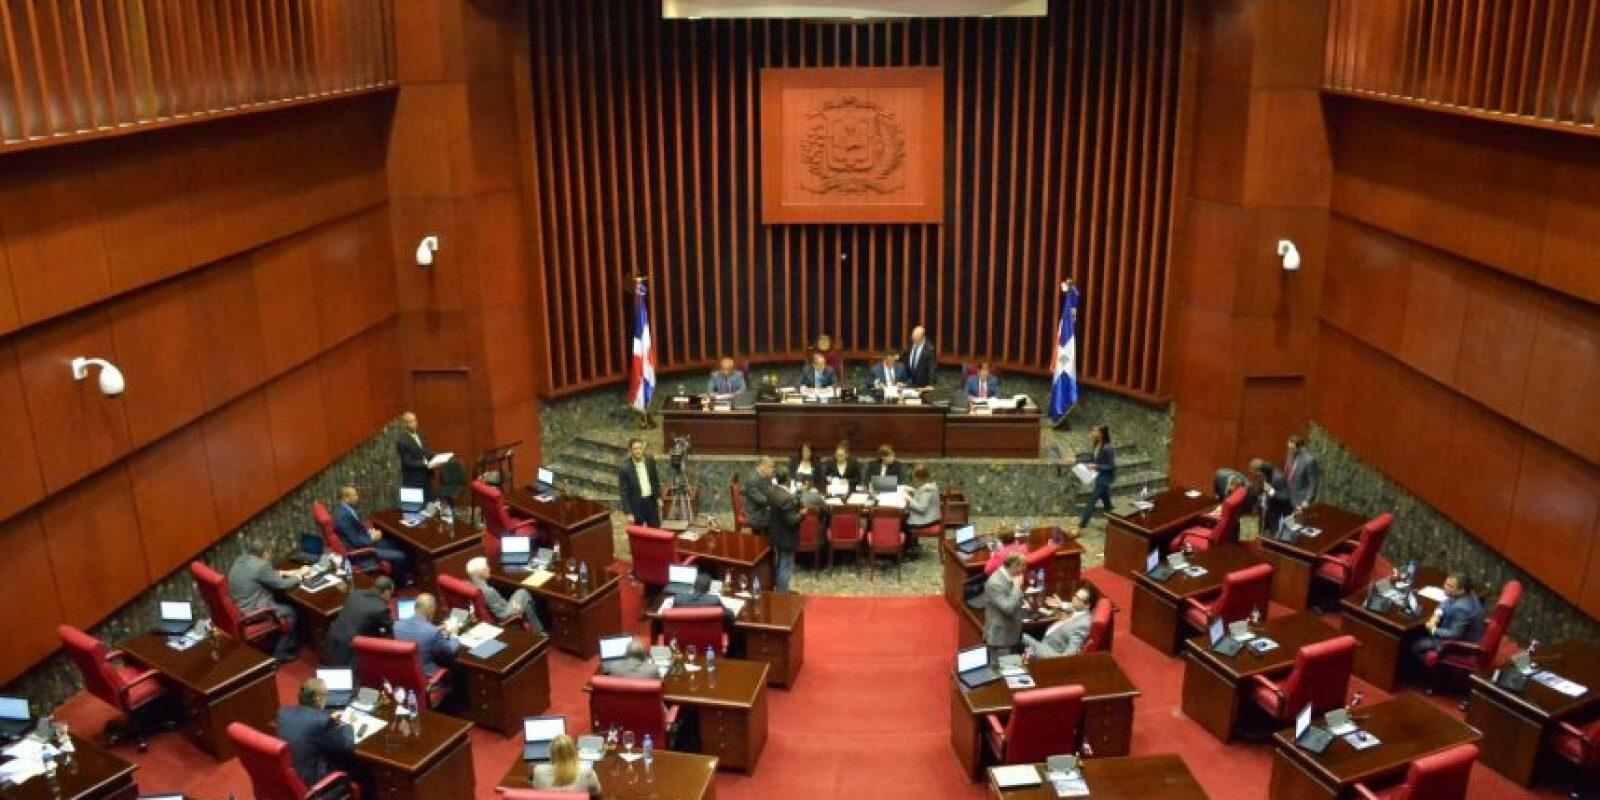 El Senado sesionó ayer, pero se tomó una semana más para elegir a un integrante por cada terna. Foto:Fuente externa